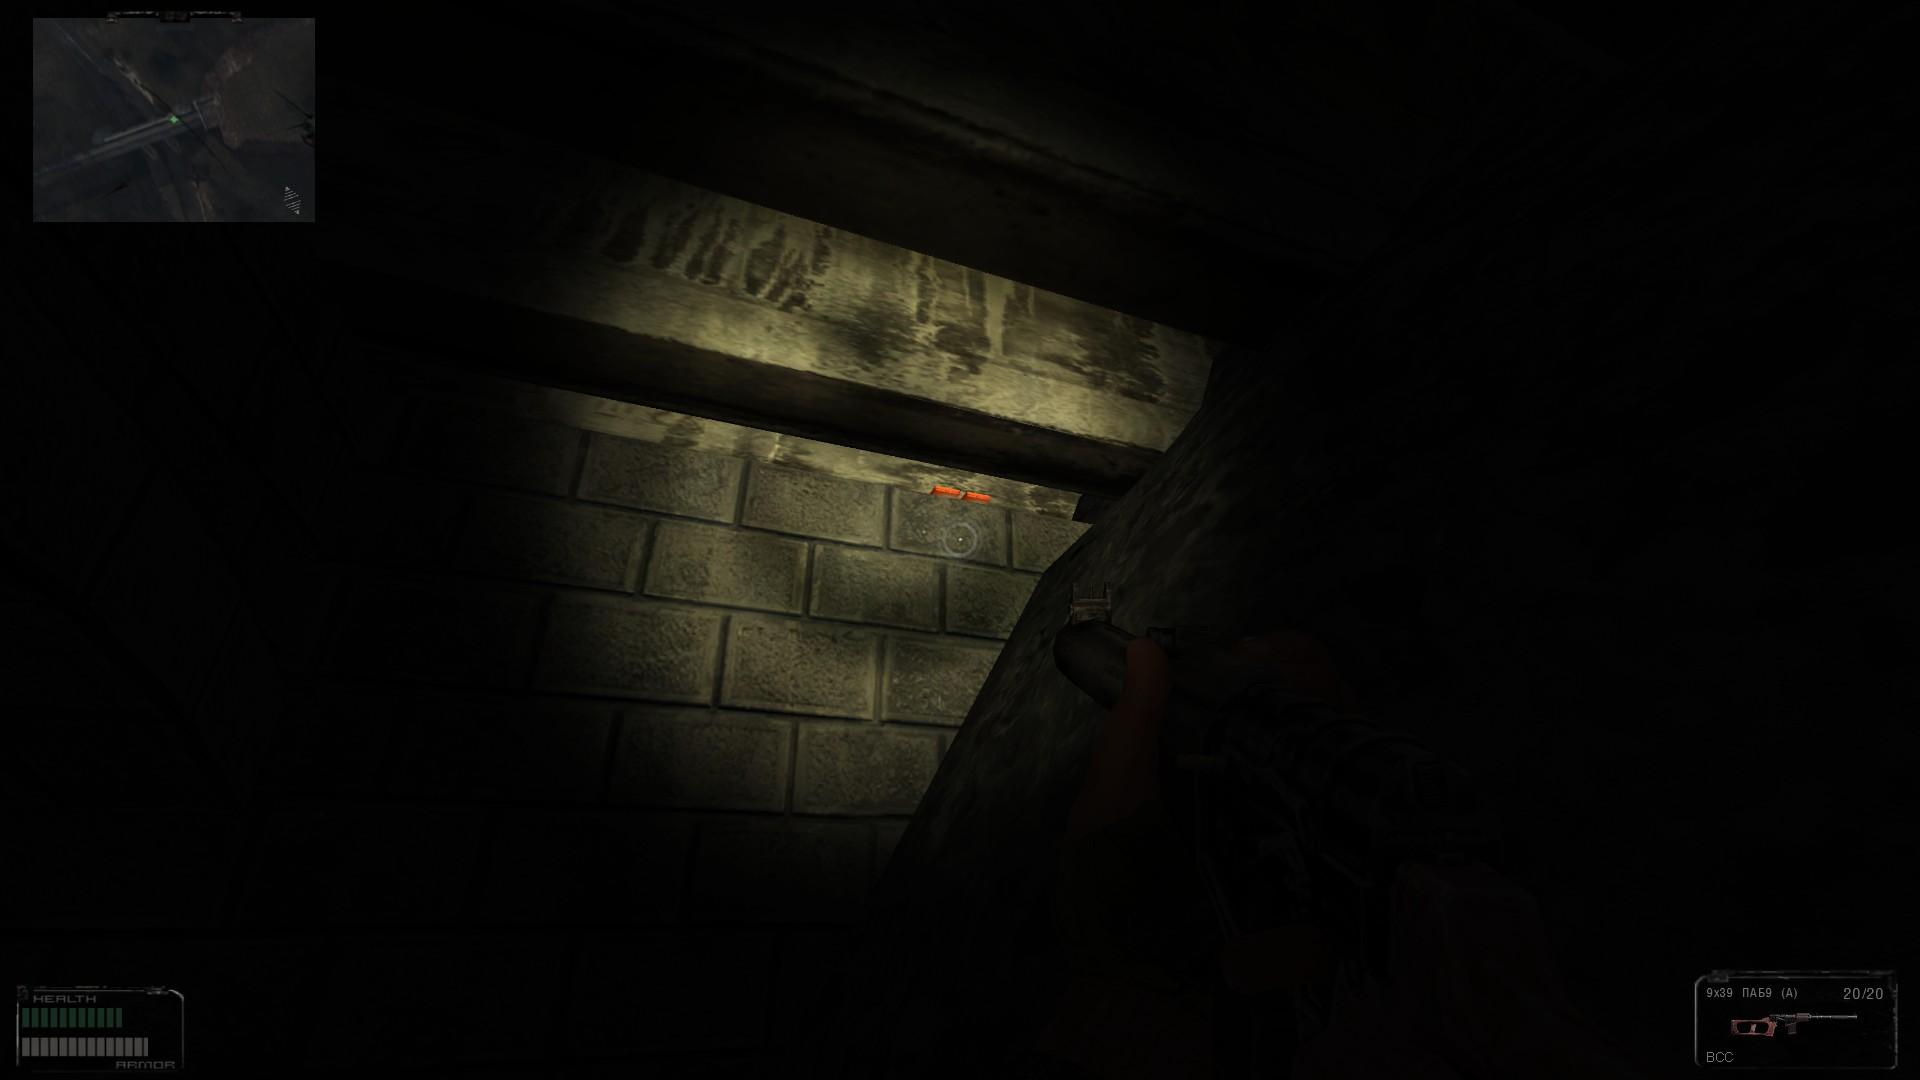 Oblivion Lost Remake 2.5 image 77